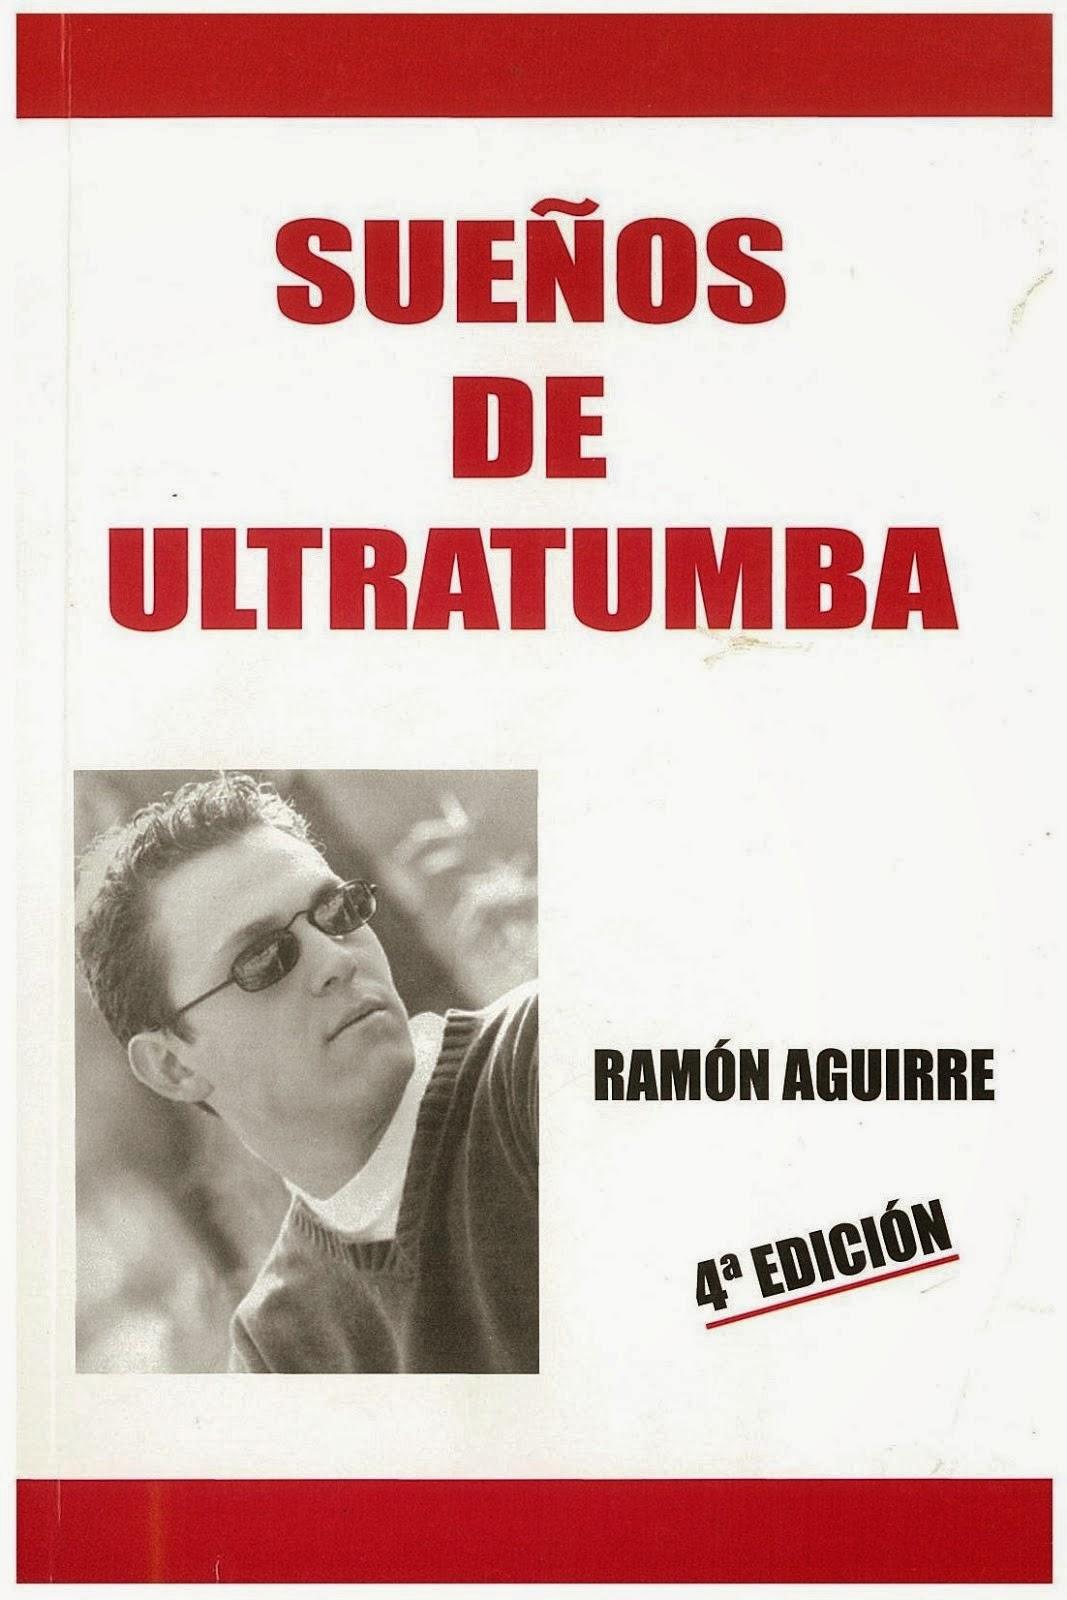 SUEÑOS DE ULTRATUMBA